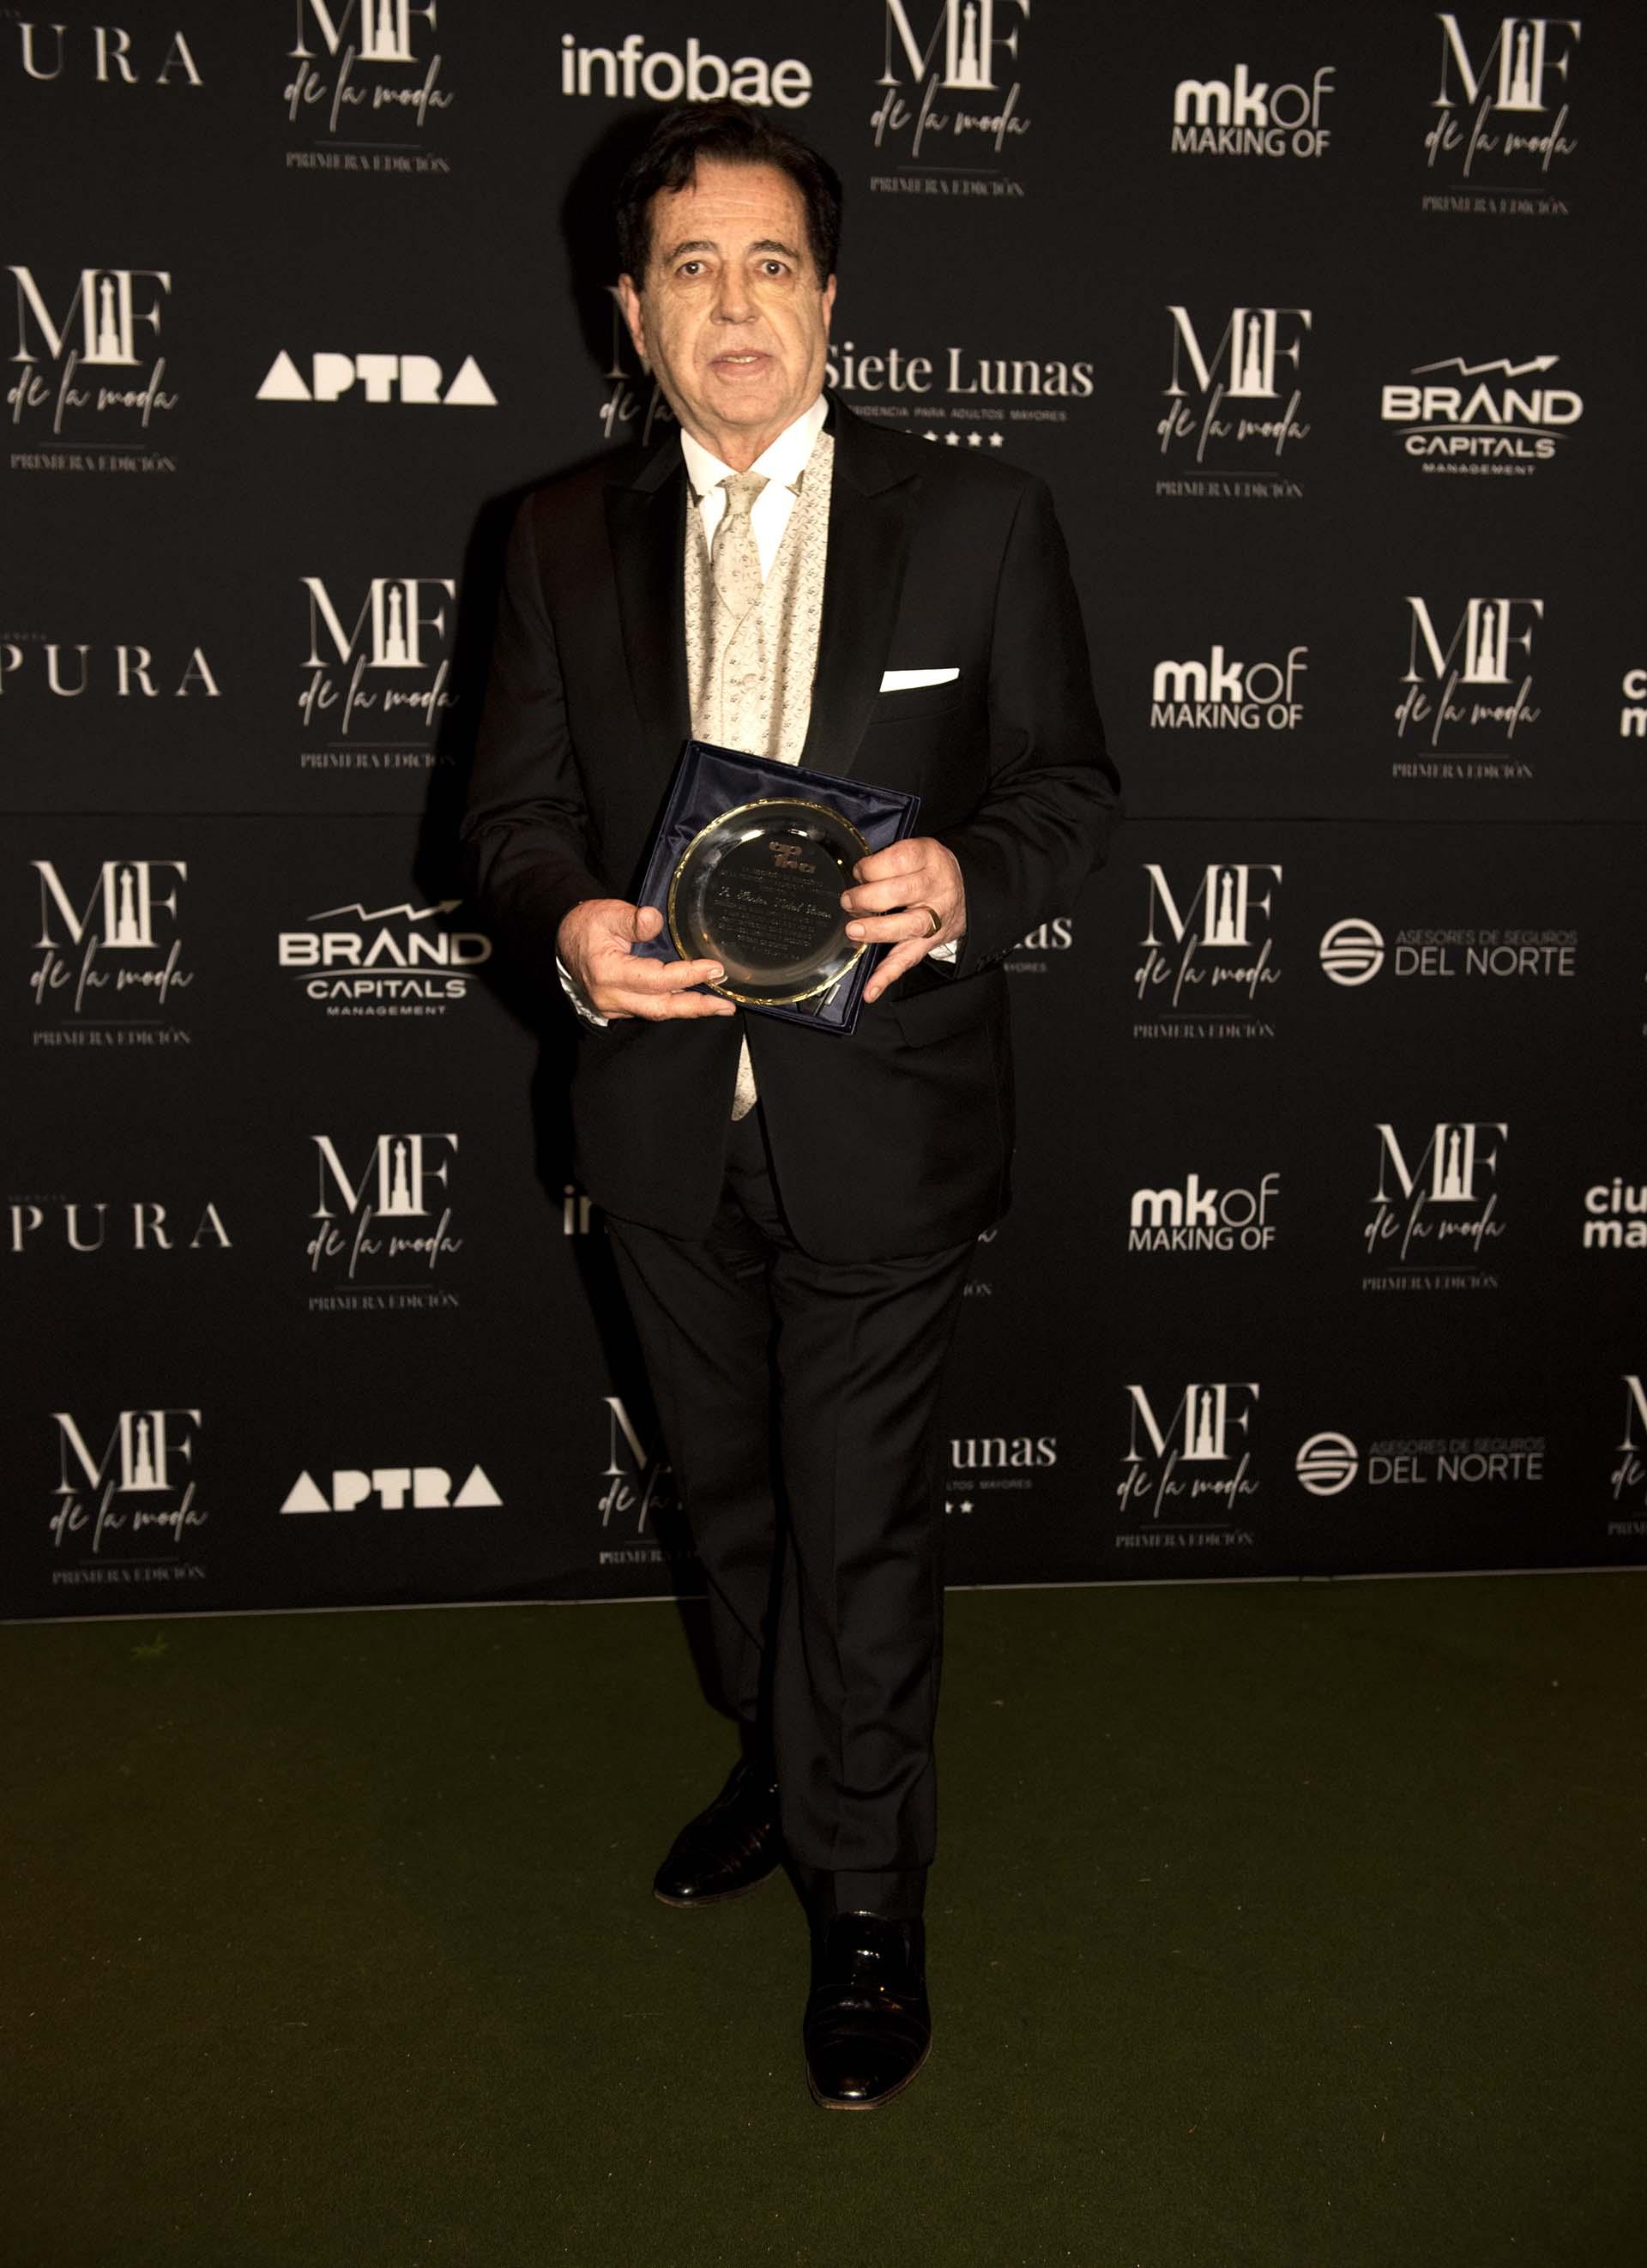 Héctor Vidal Rivas recibió una distinción de APTRA por su trayectoria en la moda